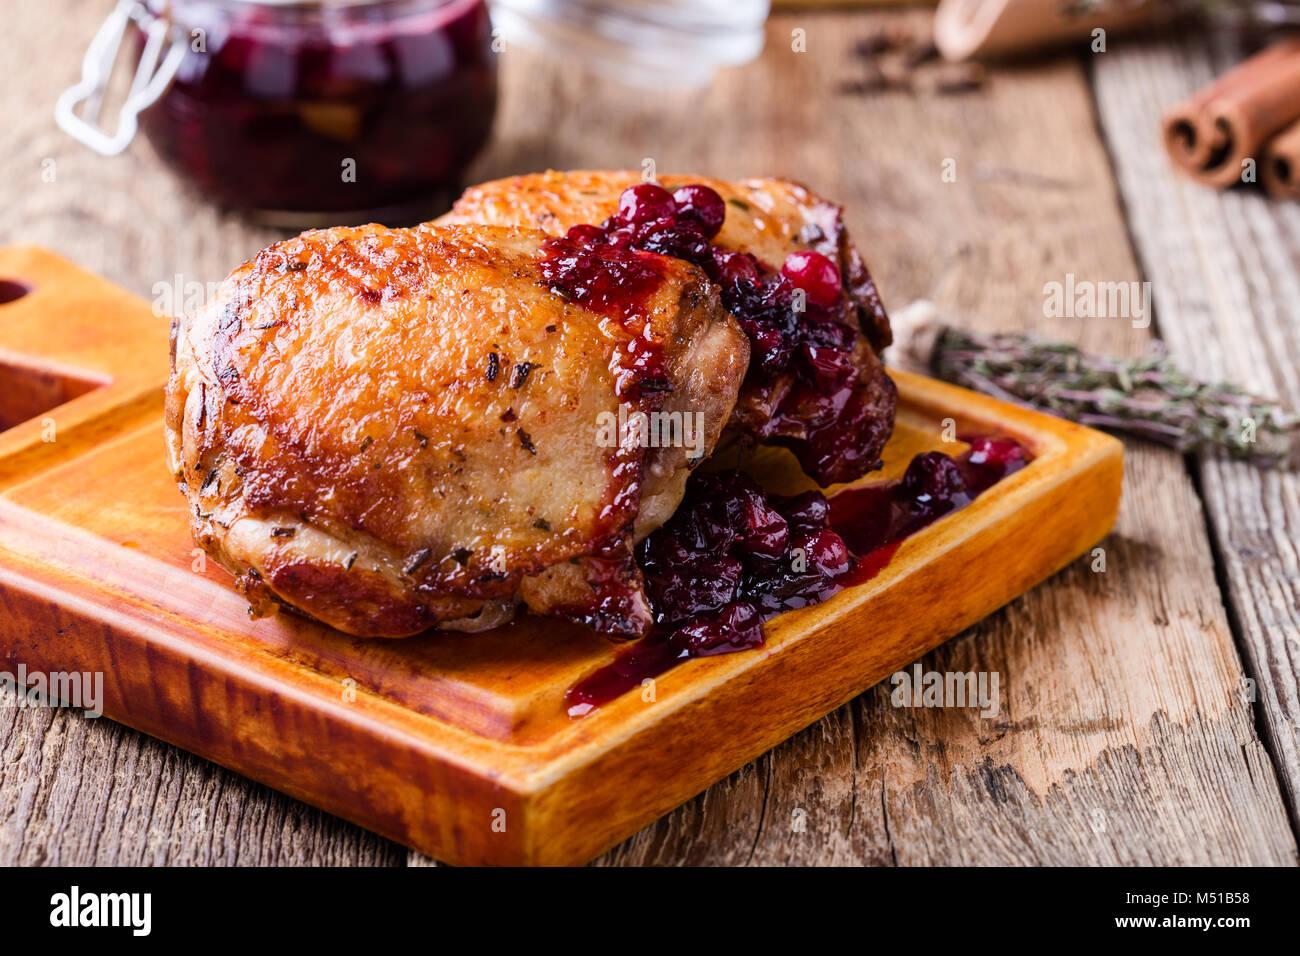 Cuisses de poulet rôti sur une planche à découper sauce canneberge sur table en bois rustique Photo Stock